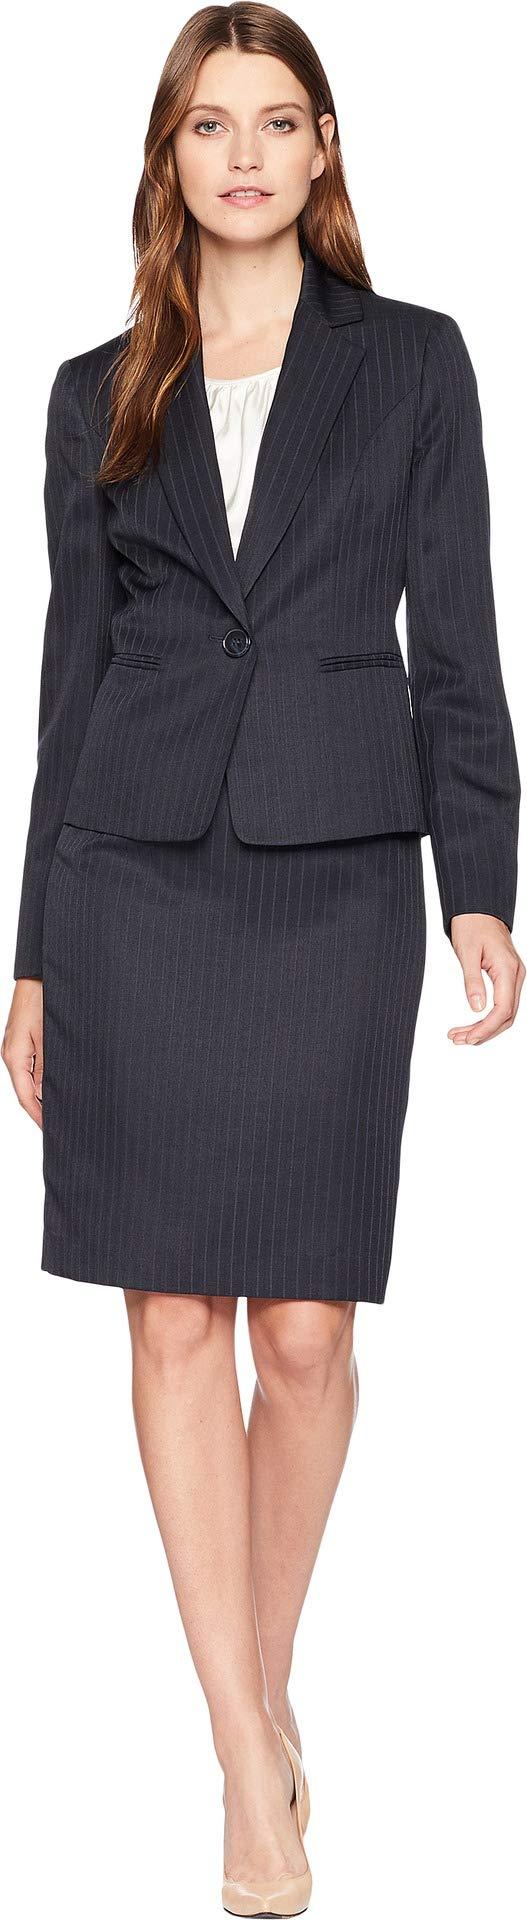 Le Suit Women's Shadow Stripe One-Button Notch Lapel Skirt Suit w/Cami Navy/Ivory 10